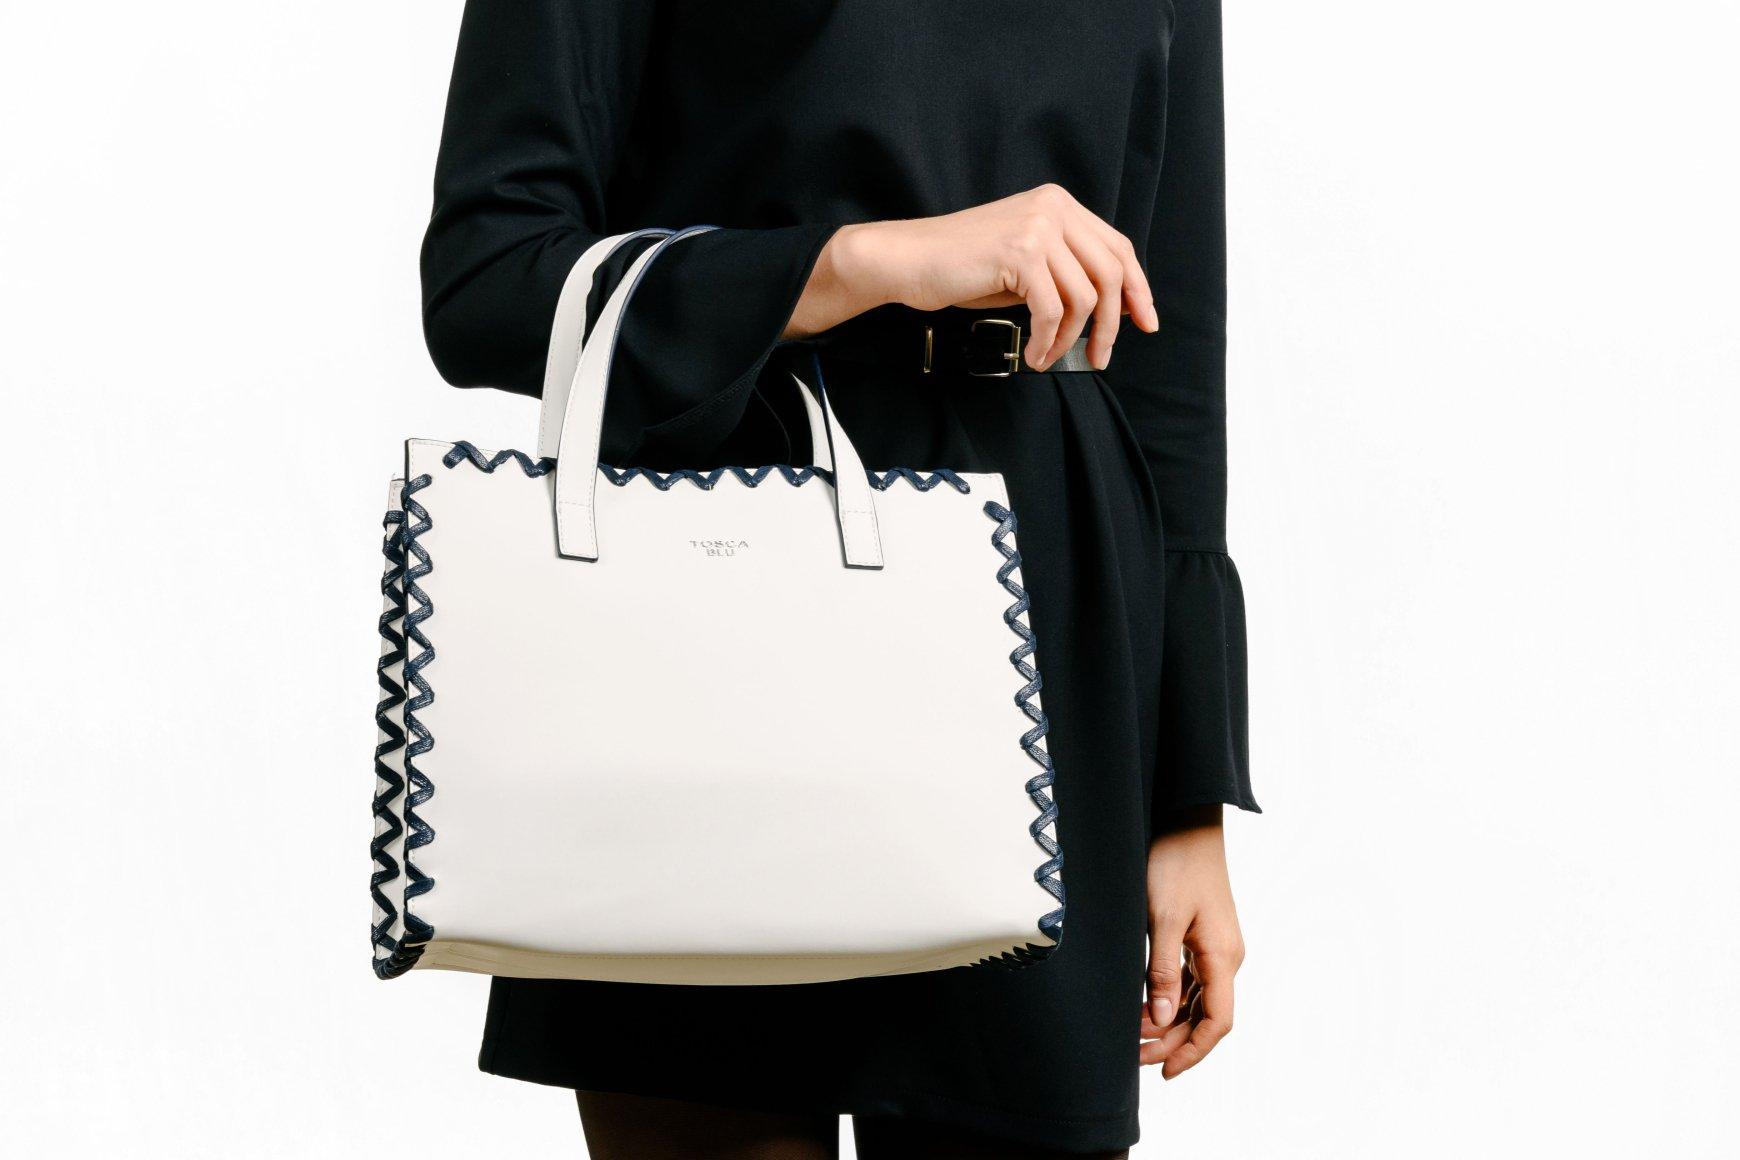 ecad904a3048 Купить сумку из натуральной кожи TOSCA BLU Украина - Estro